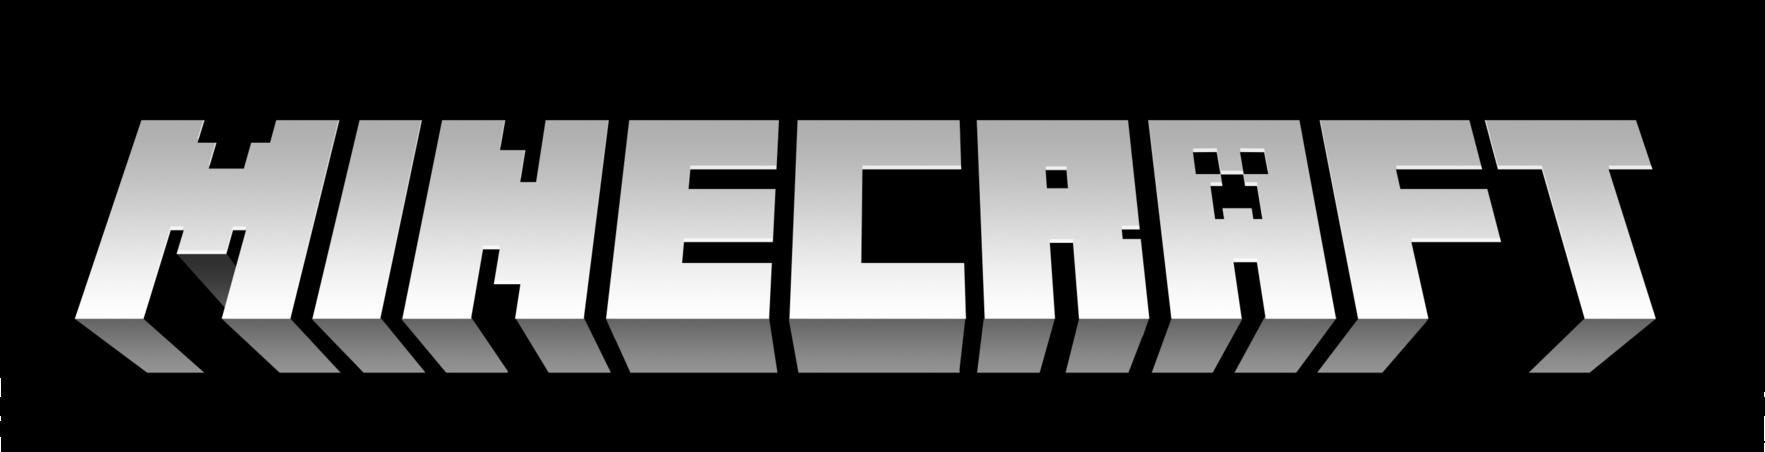 Minecraft Hd Logo By Nuryrush Da2aumi